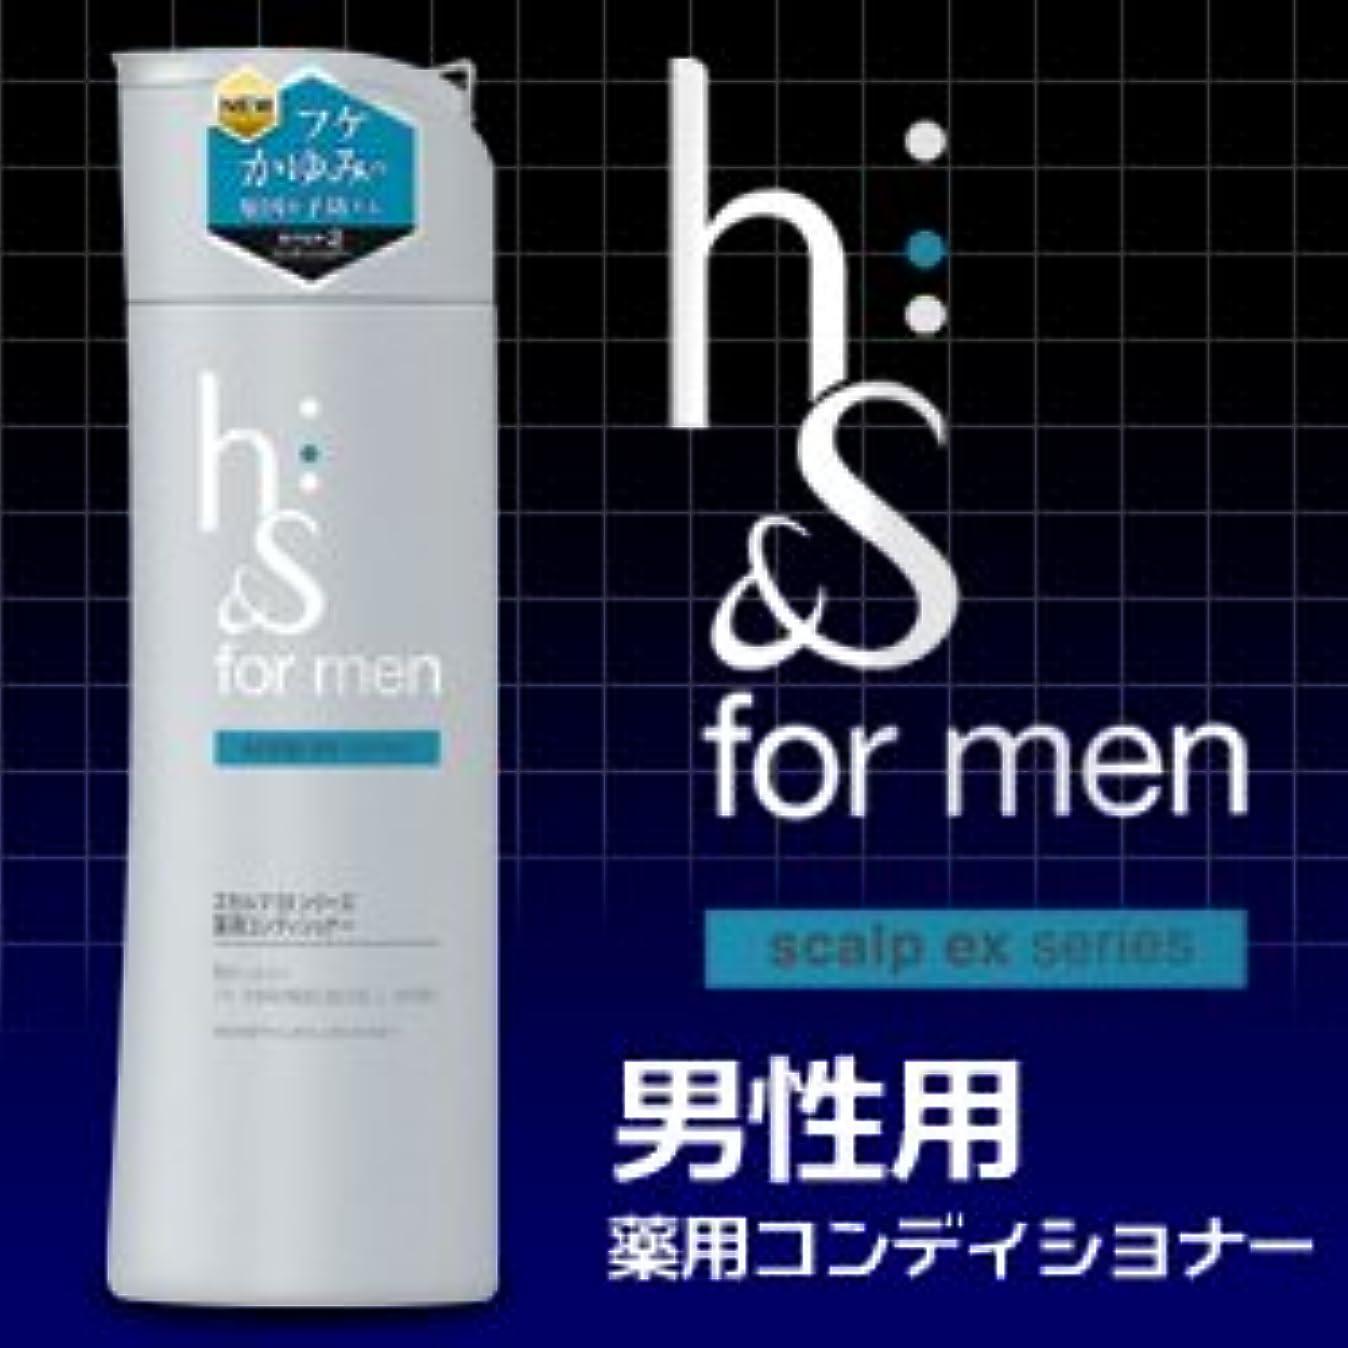 モニカ誇り略奪【P&G】  男のヘッドスパ 【h&s for men】 スカルプEX 薬用コンディショナー 本体 200g ×20個セット